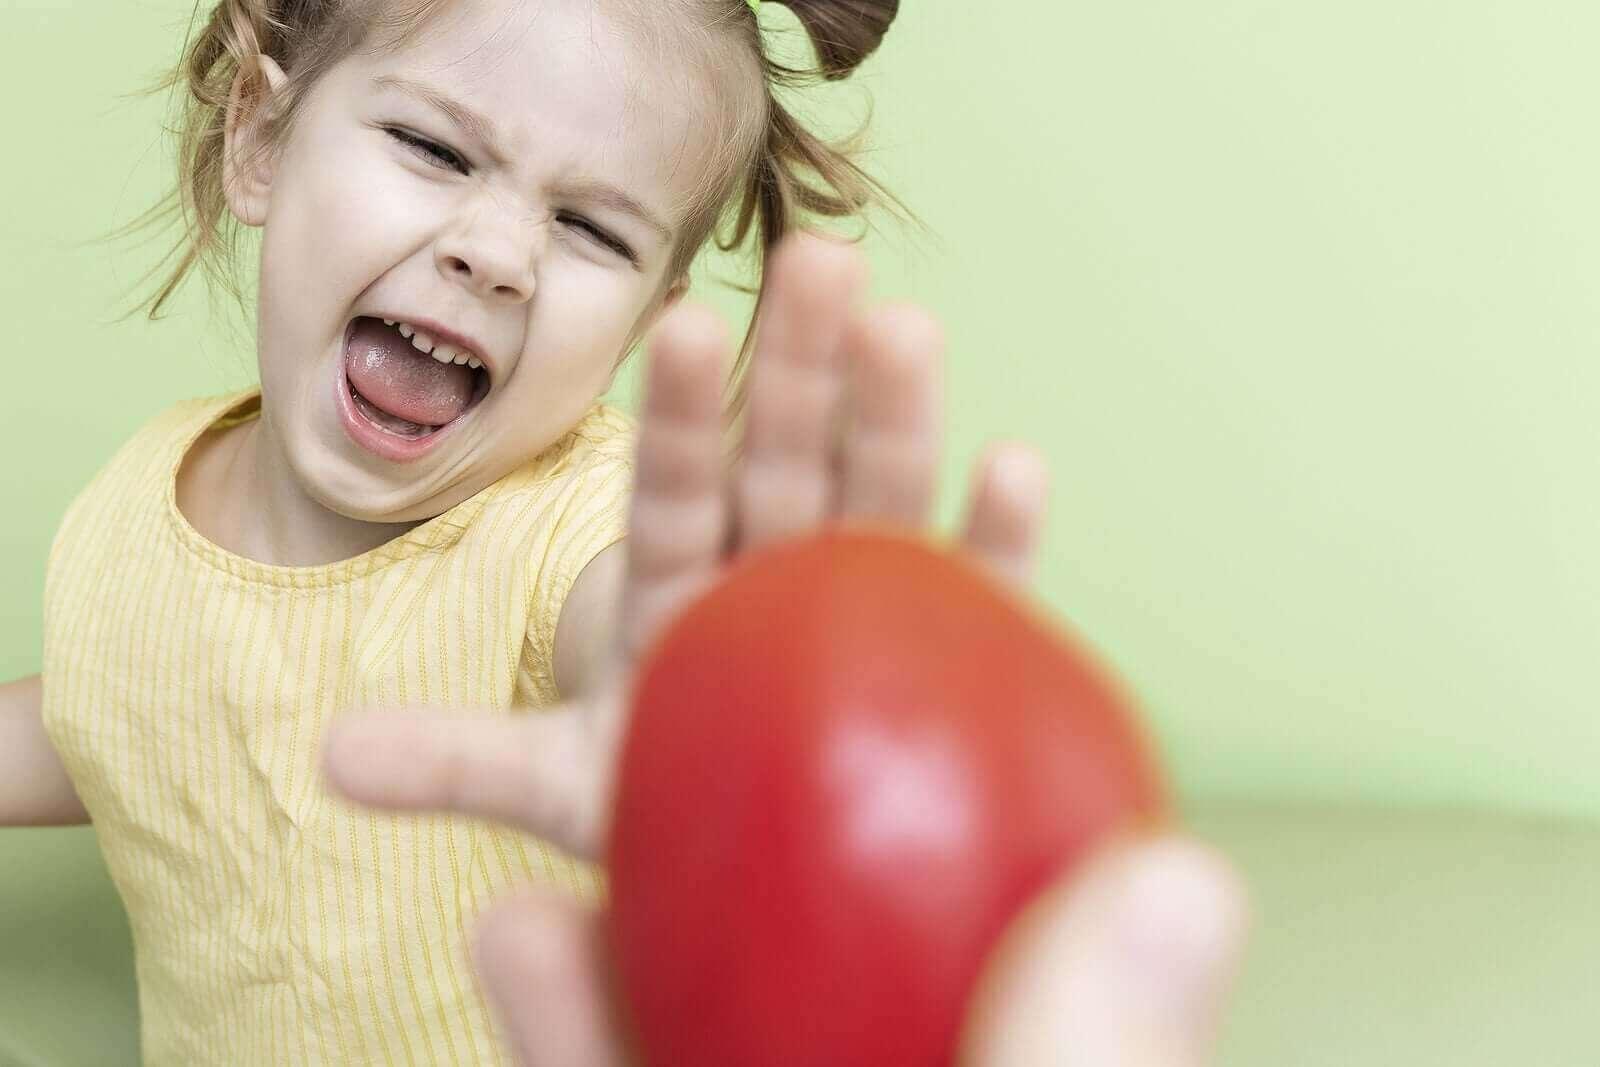 아이가 먹는 동안 질식할까 봐 두려워한다면 어떻게 해야 할까?